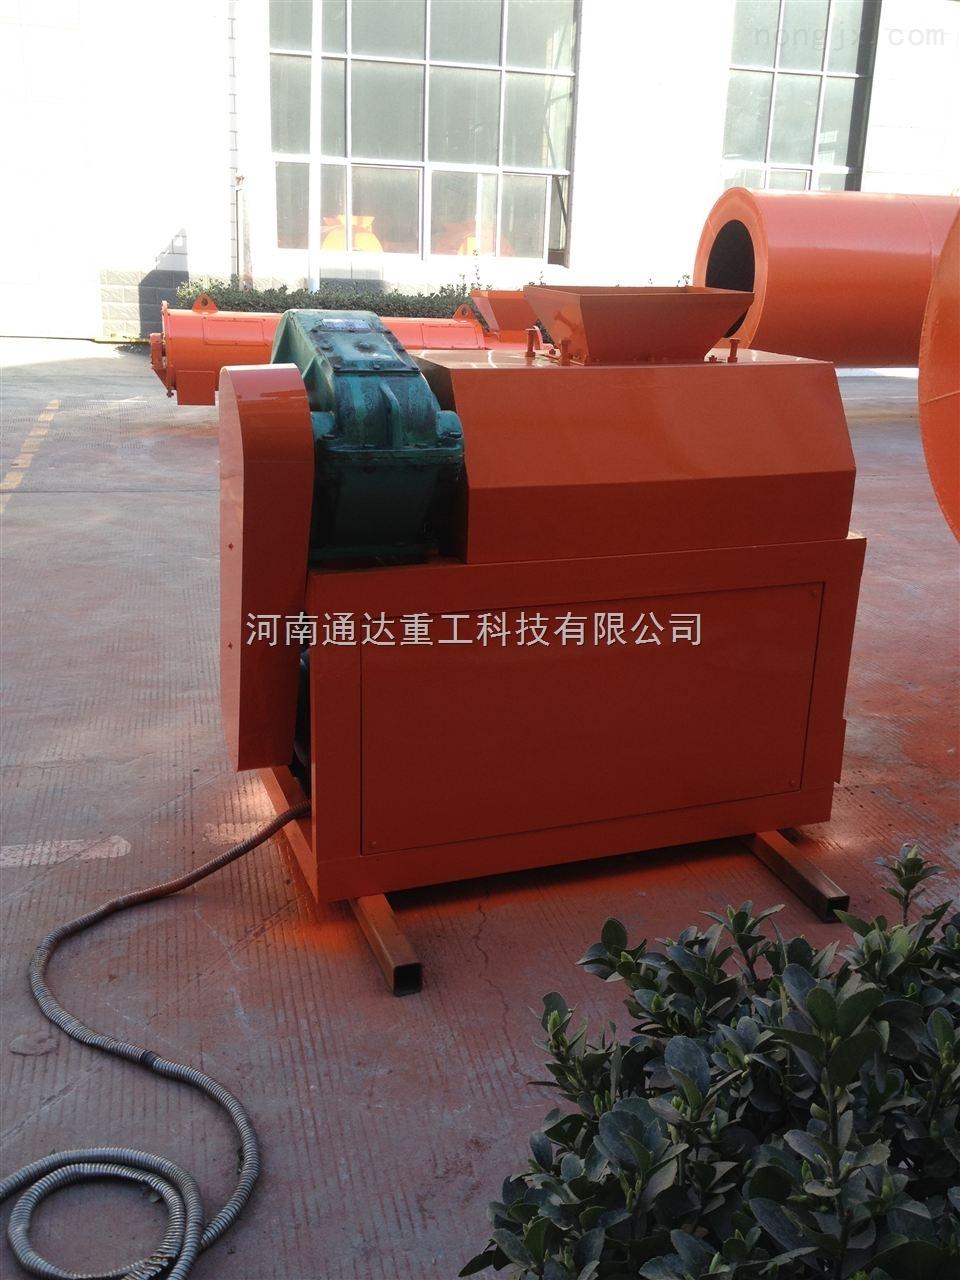 山东潍坊复合肥造粒机-对辊挤压造粒机-氮磷钾对辊挤压造粒机通达好